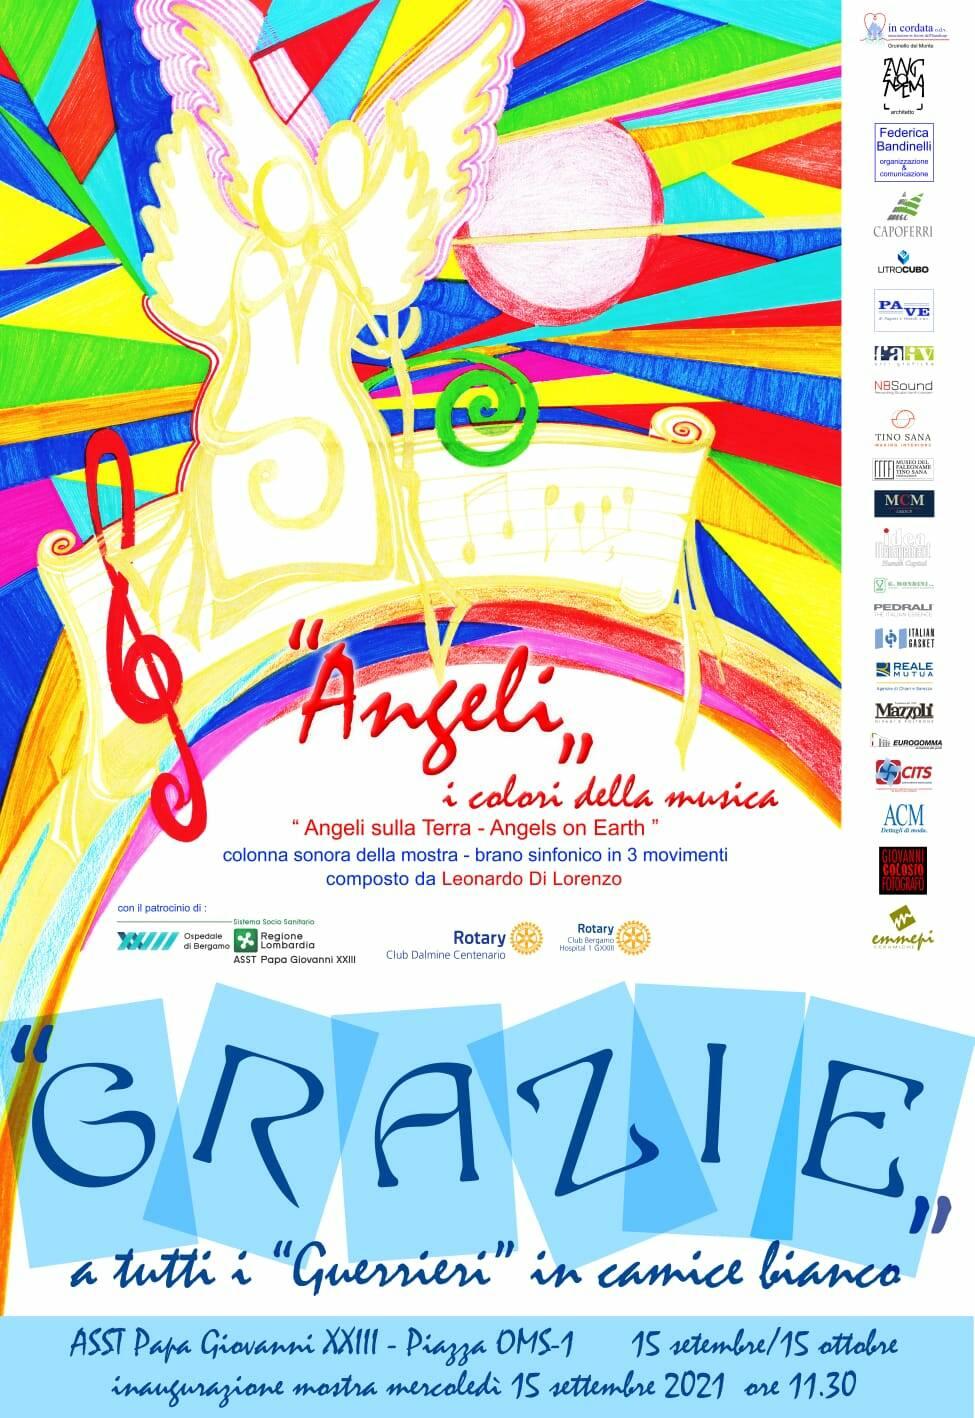 angeli, i colori della musica